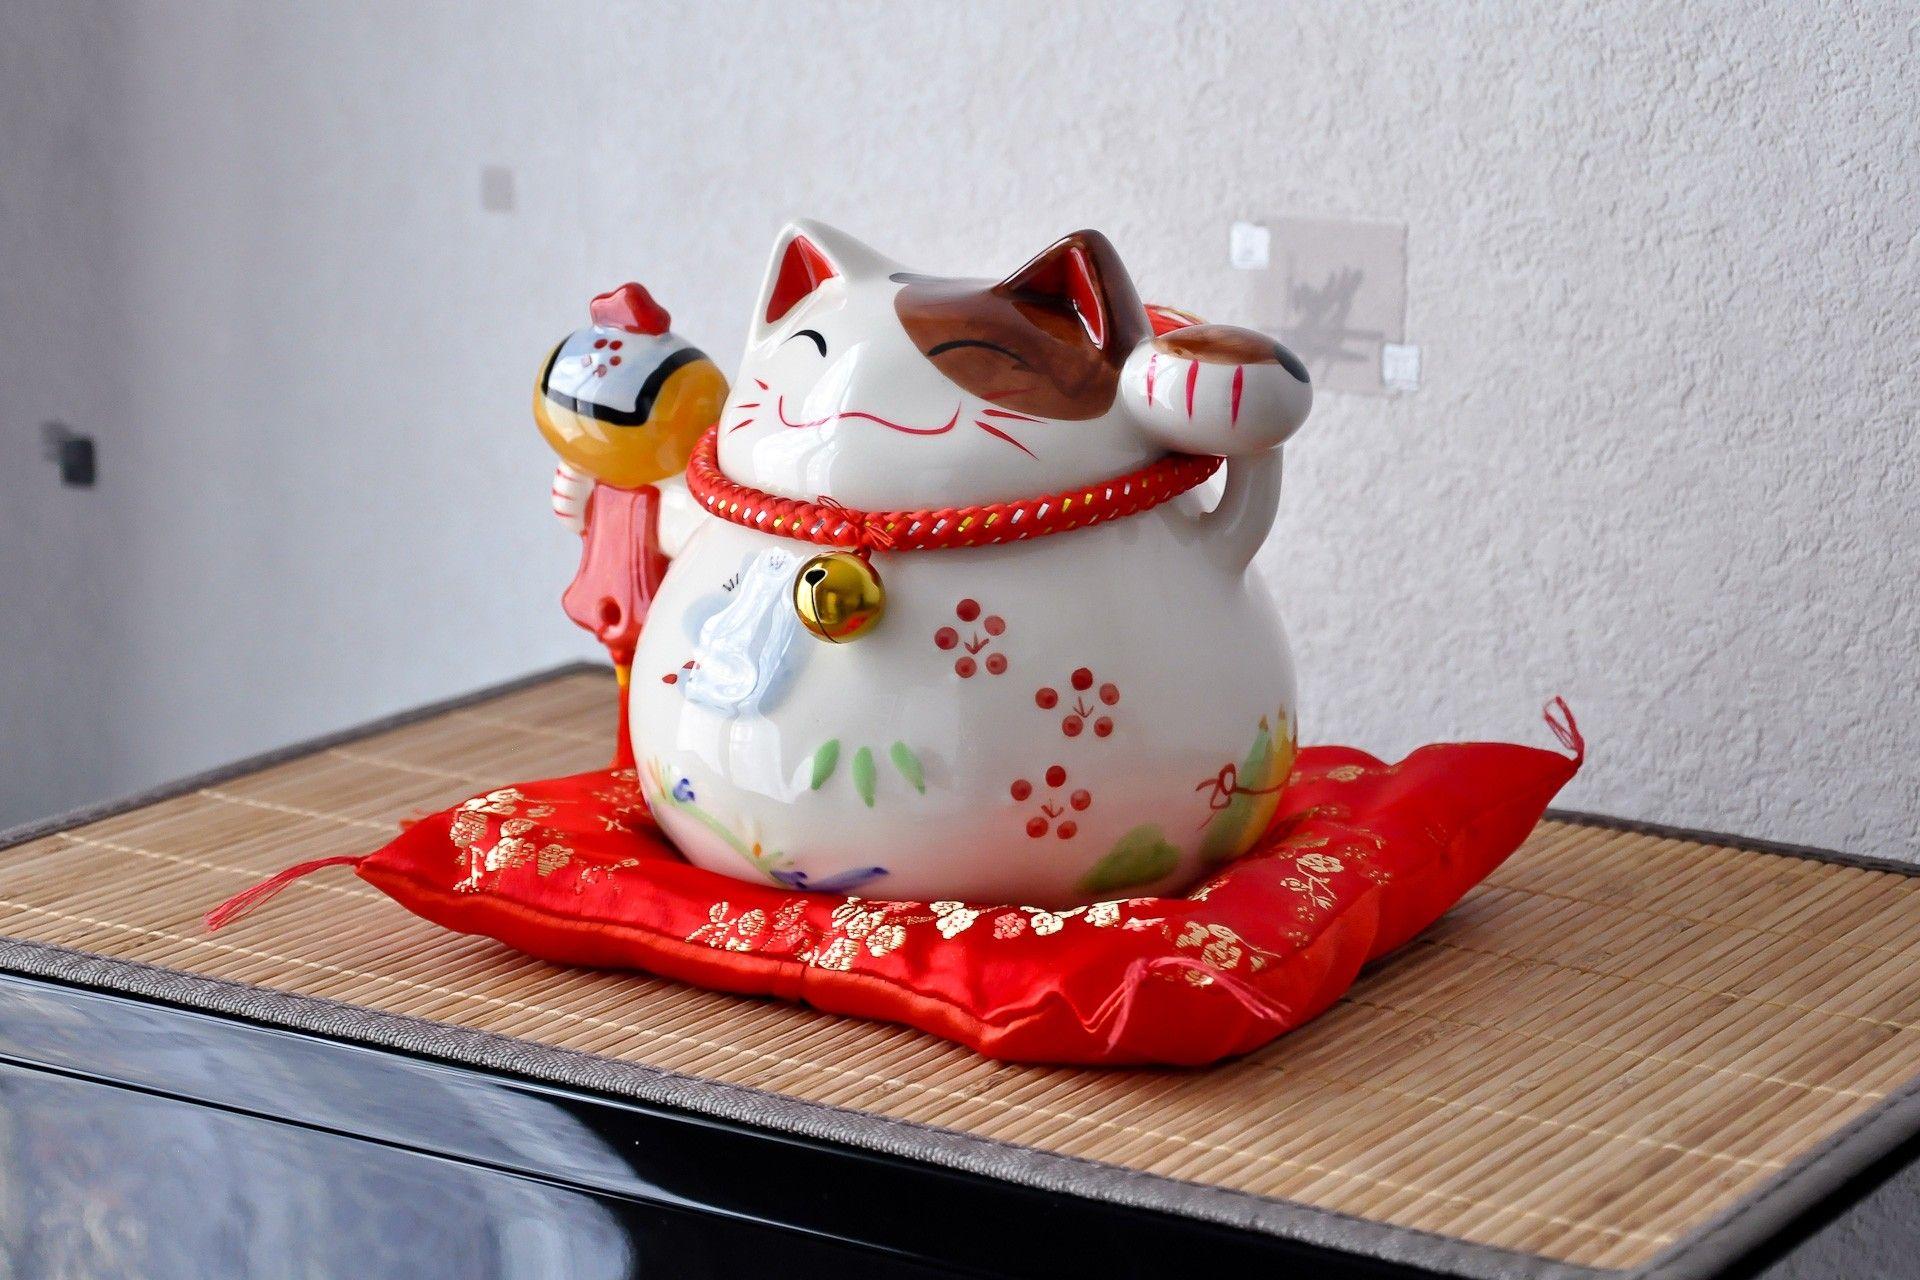 Apportez  un symbole japonais dans votre maison avec cette tirelire Chat Blanc Maneki Neko Nature. Posé sur son coussin rouge, il saura sublimer votre décoration tout en essayant d'attirer la chance et la fortune. Sympathique et originale, cette statuette chat blancheen céramique est un symbole de pureté qui magnifiera votre intérieur.